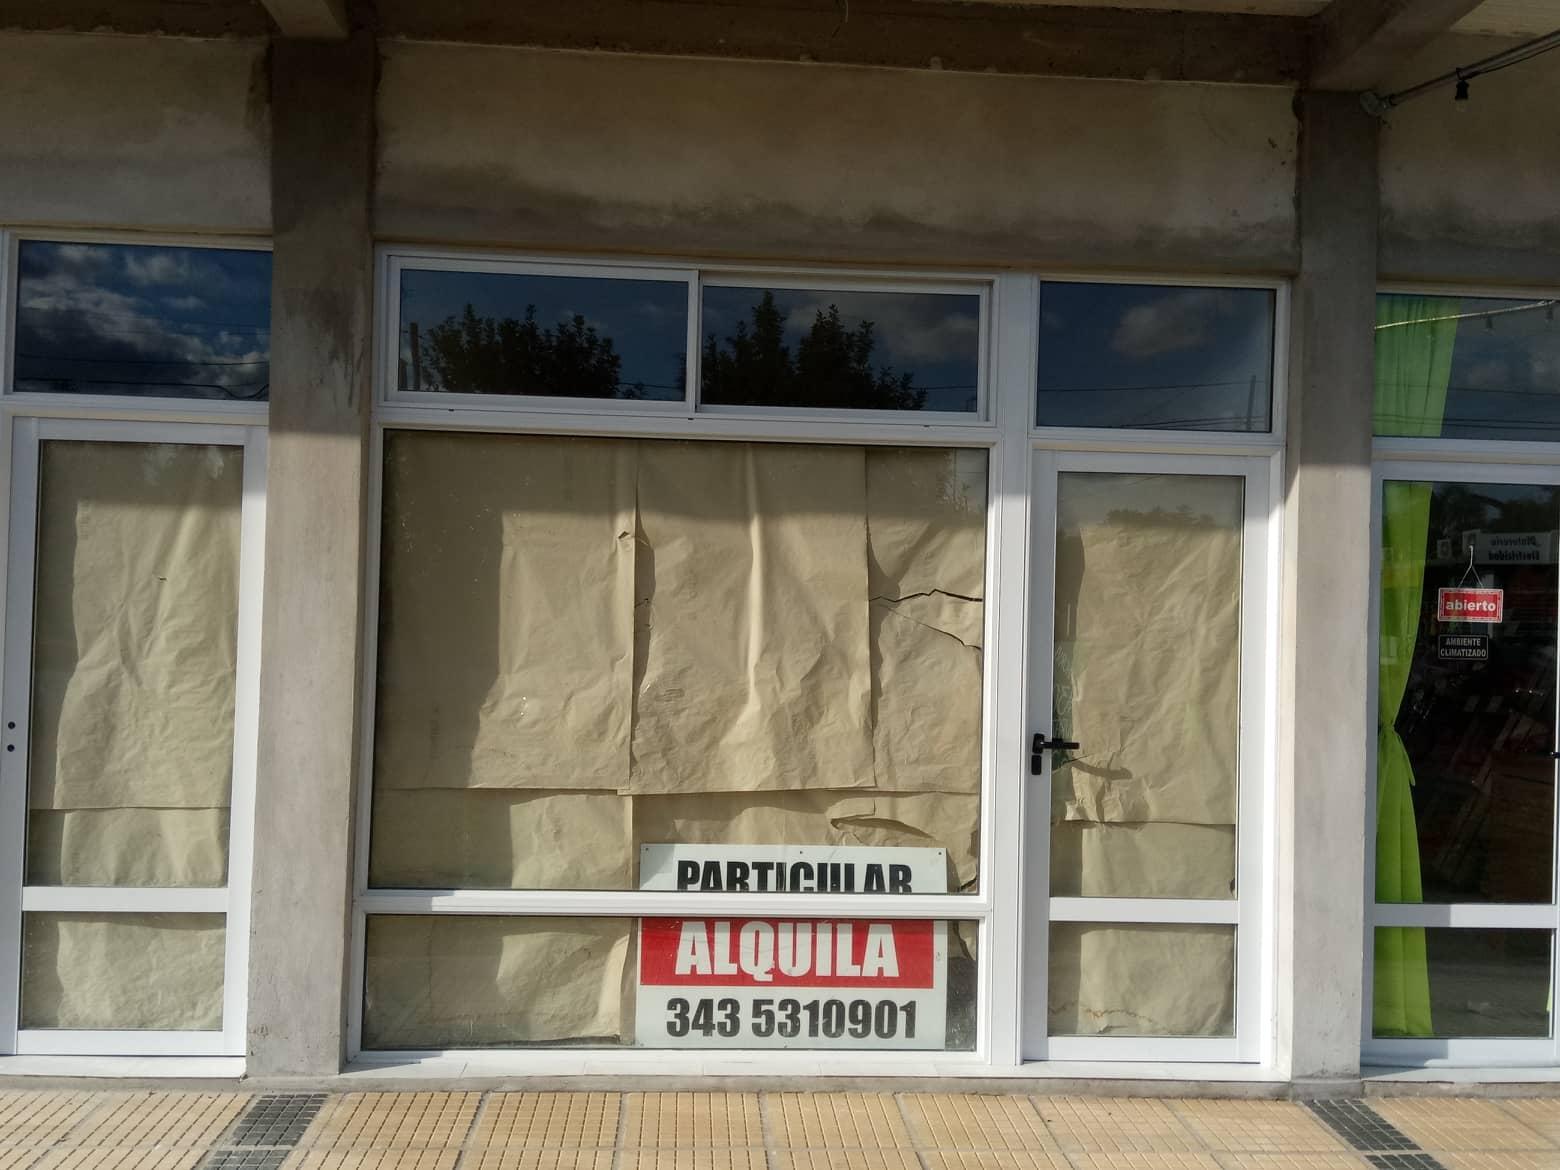 Local Comercial Nuevo a Estrenar